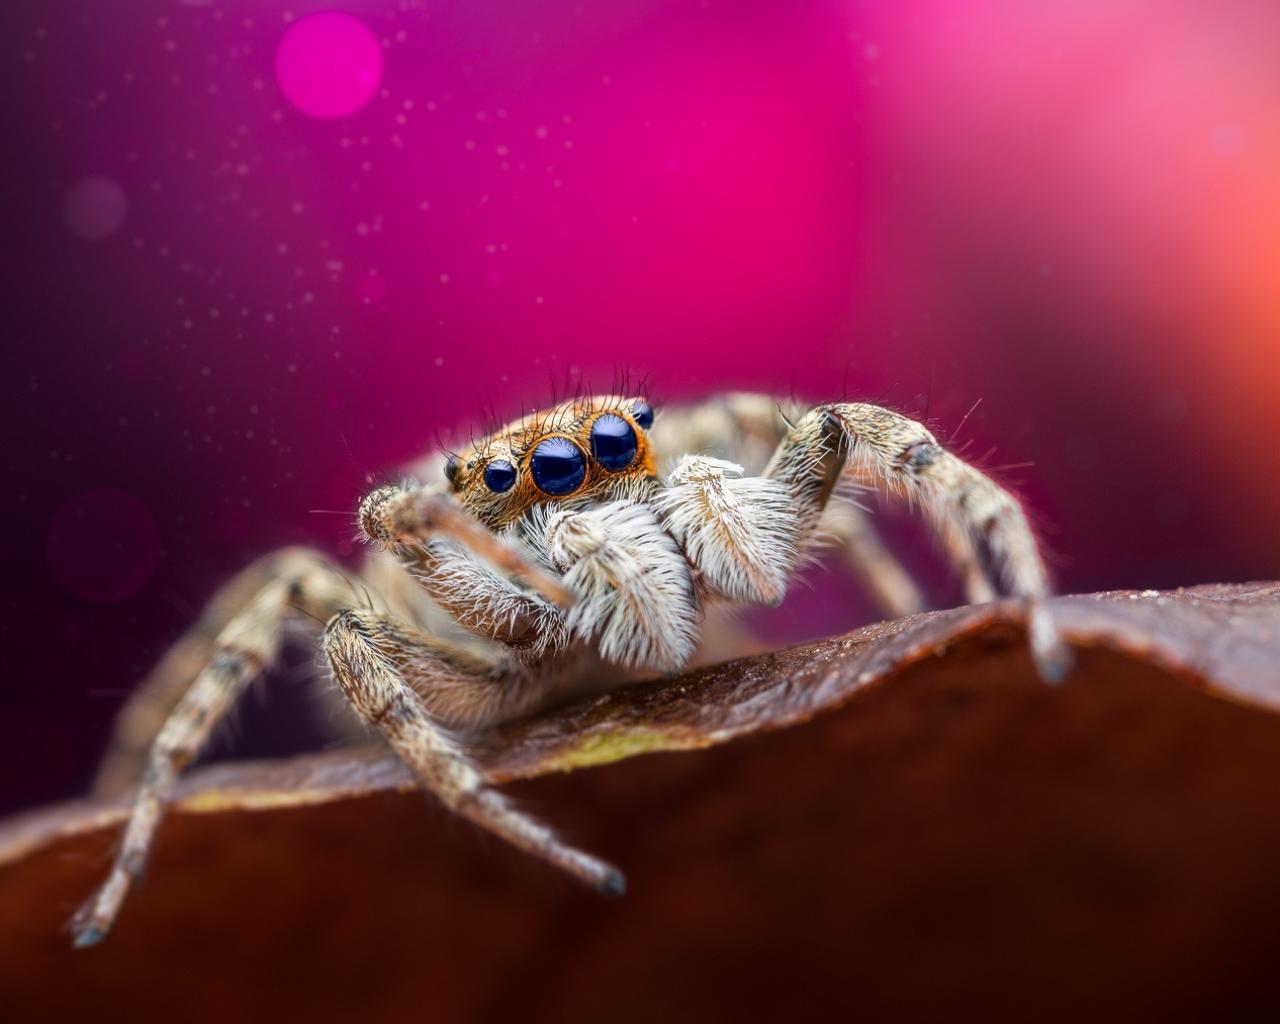 Araña saltadora - 1280x1024